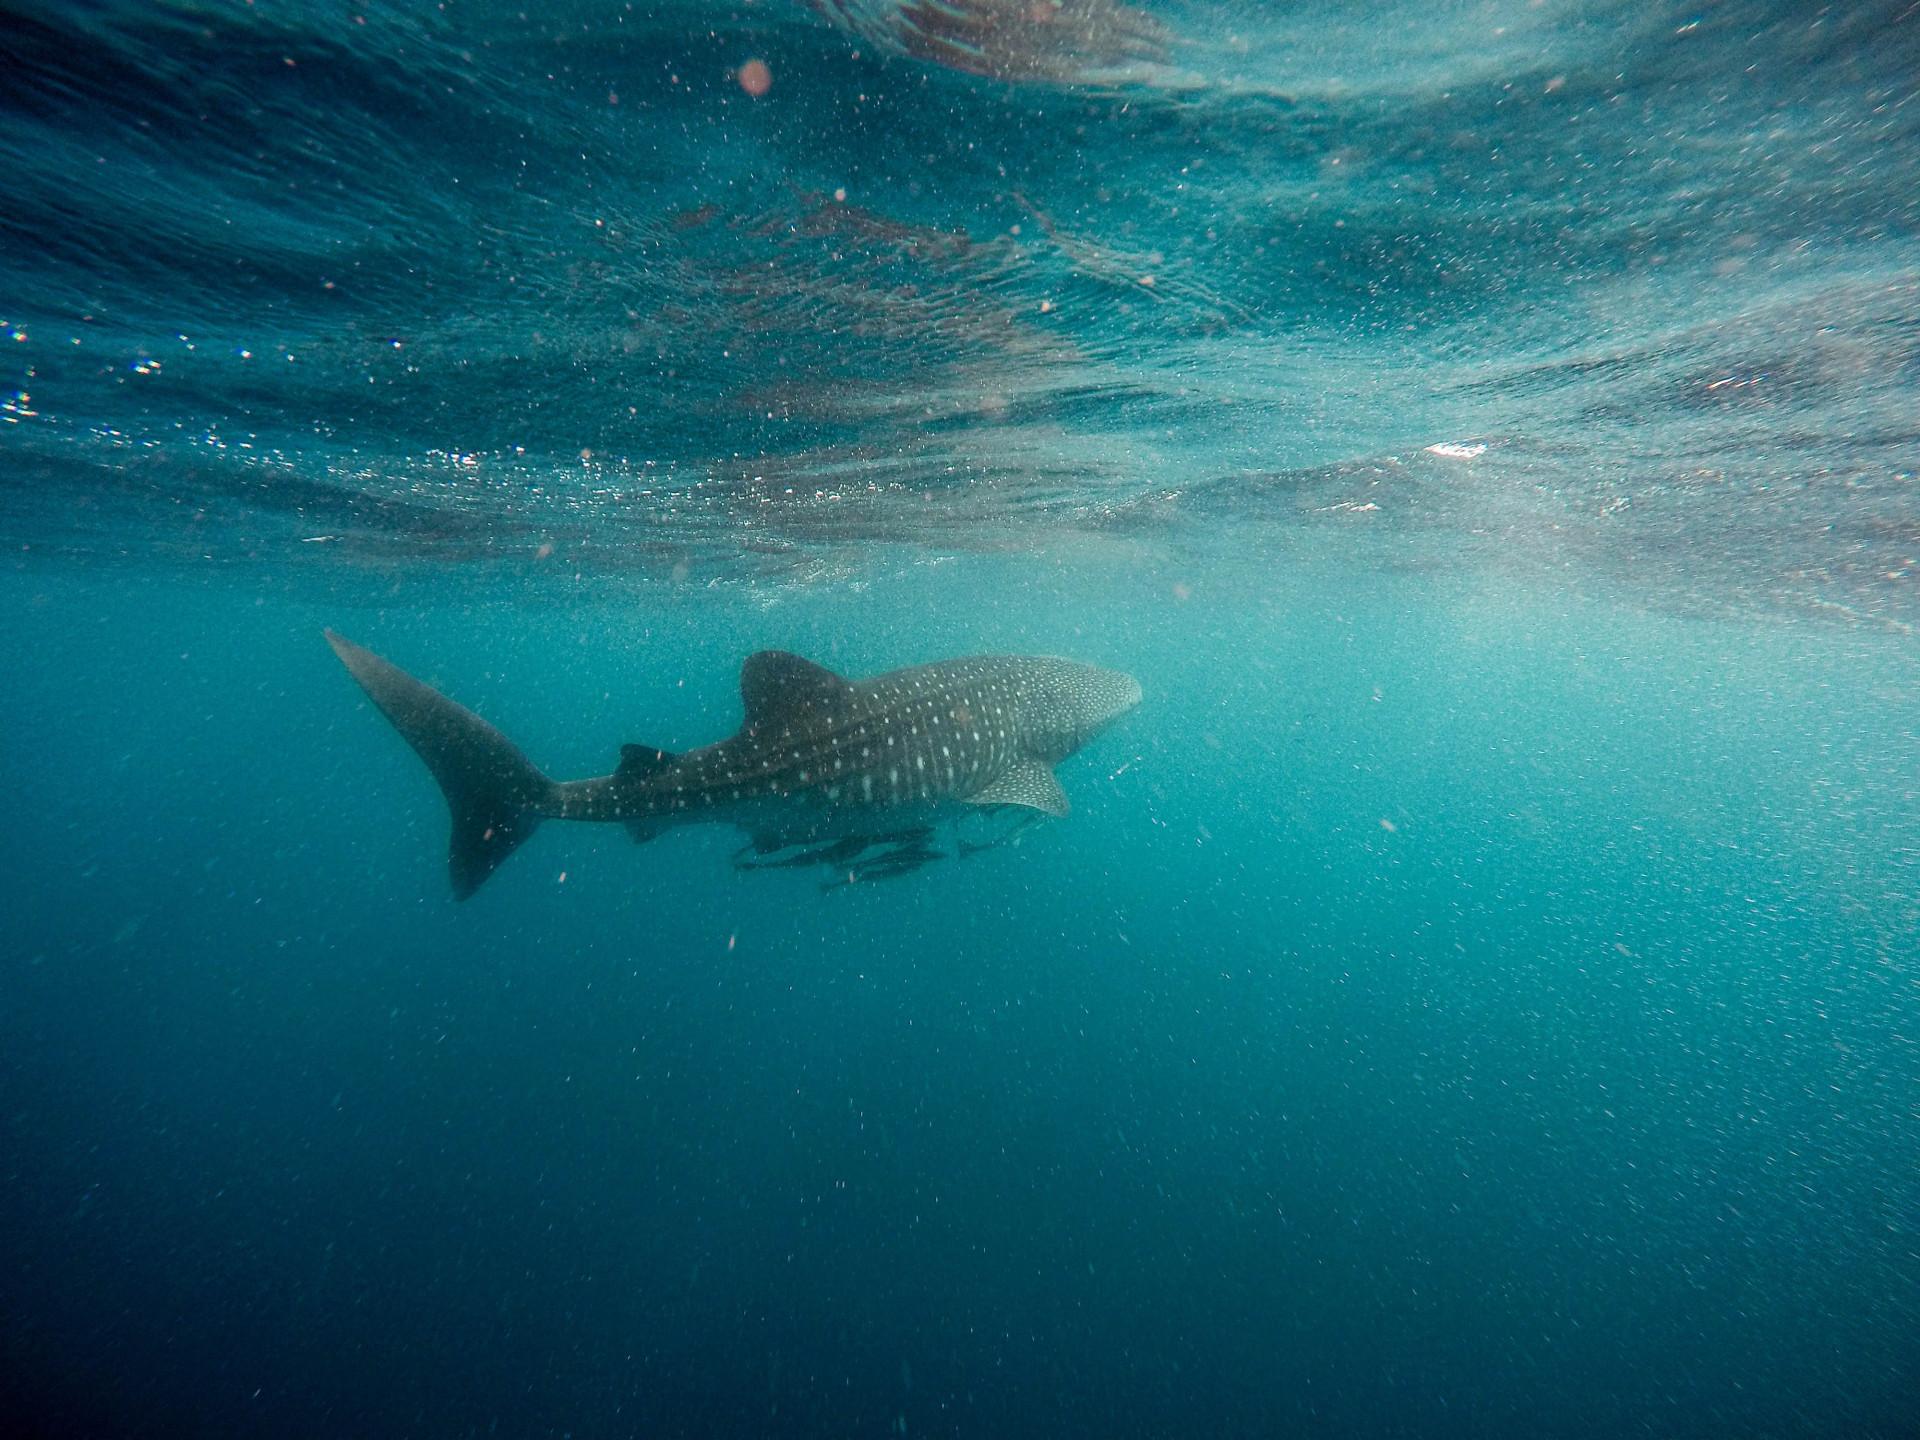 Assustador: Estes são os locais com o maior número de ataques de tubarão